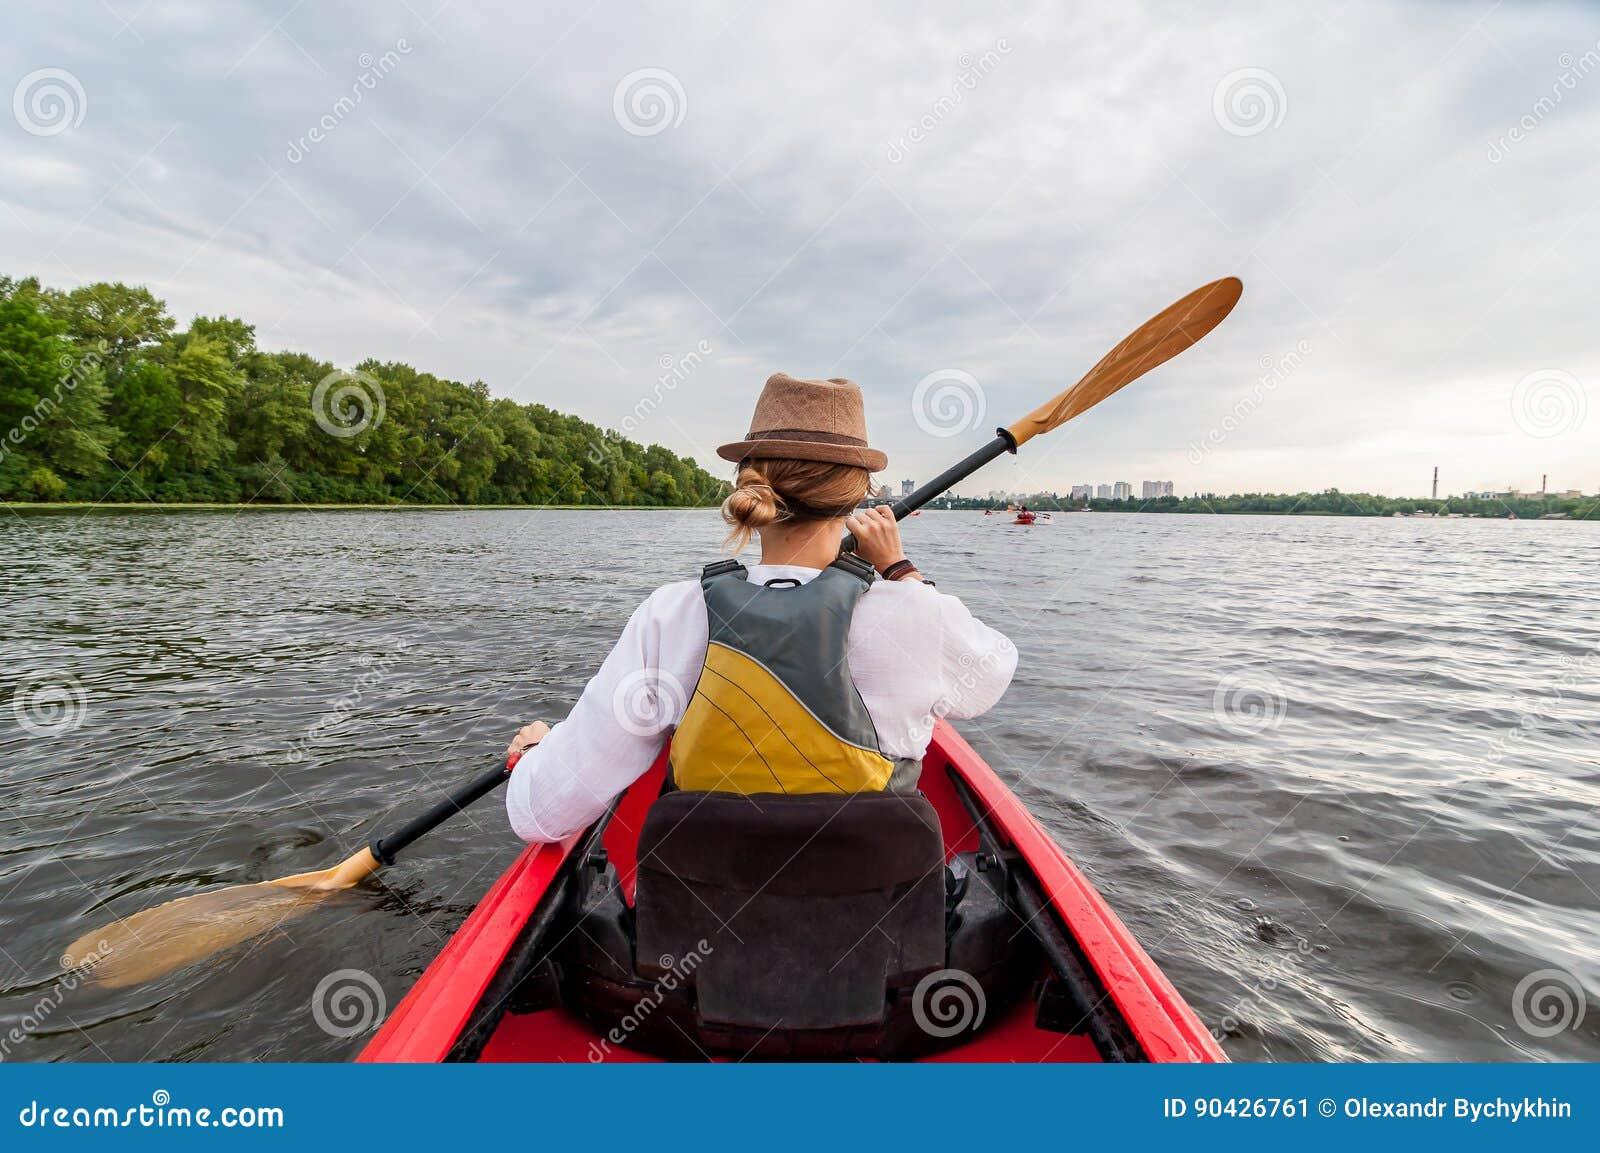 Сплавляться перемещение Молодая дама полоща красный каяк задний взгляд Приключение праздника и лета